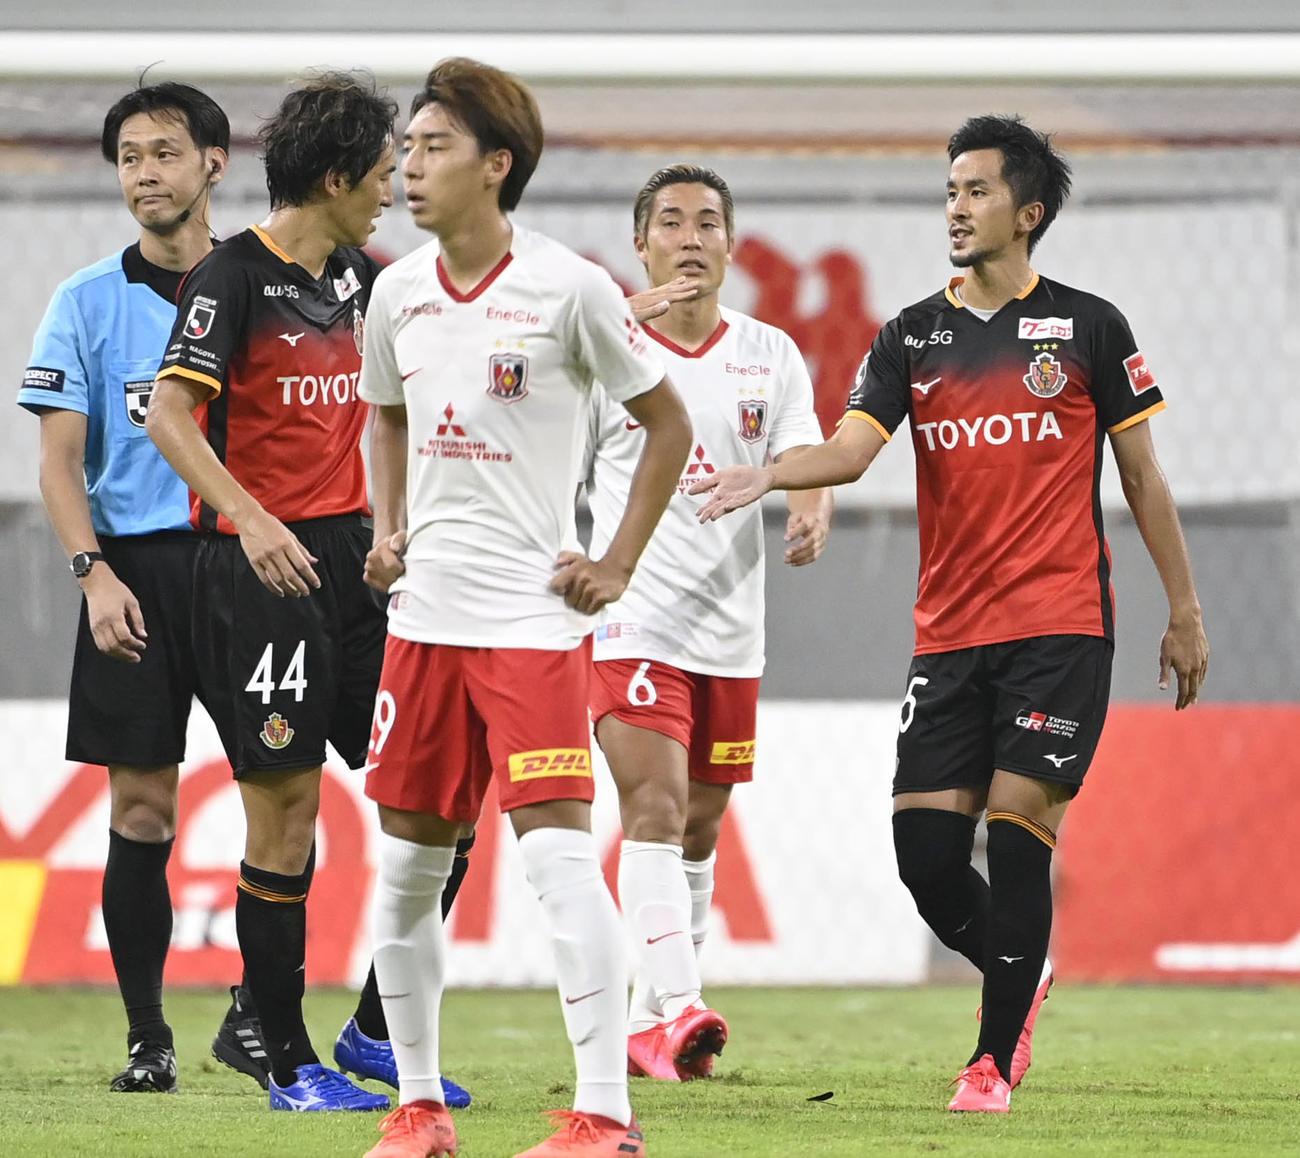 名古屋―浦和 後半、自身4点目のゴールを決め、金崎(44)とタッチする名古屋・前田(右端)(共同)